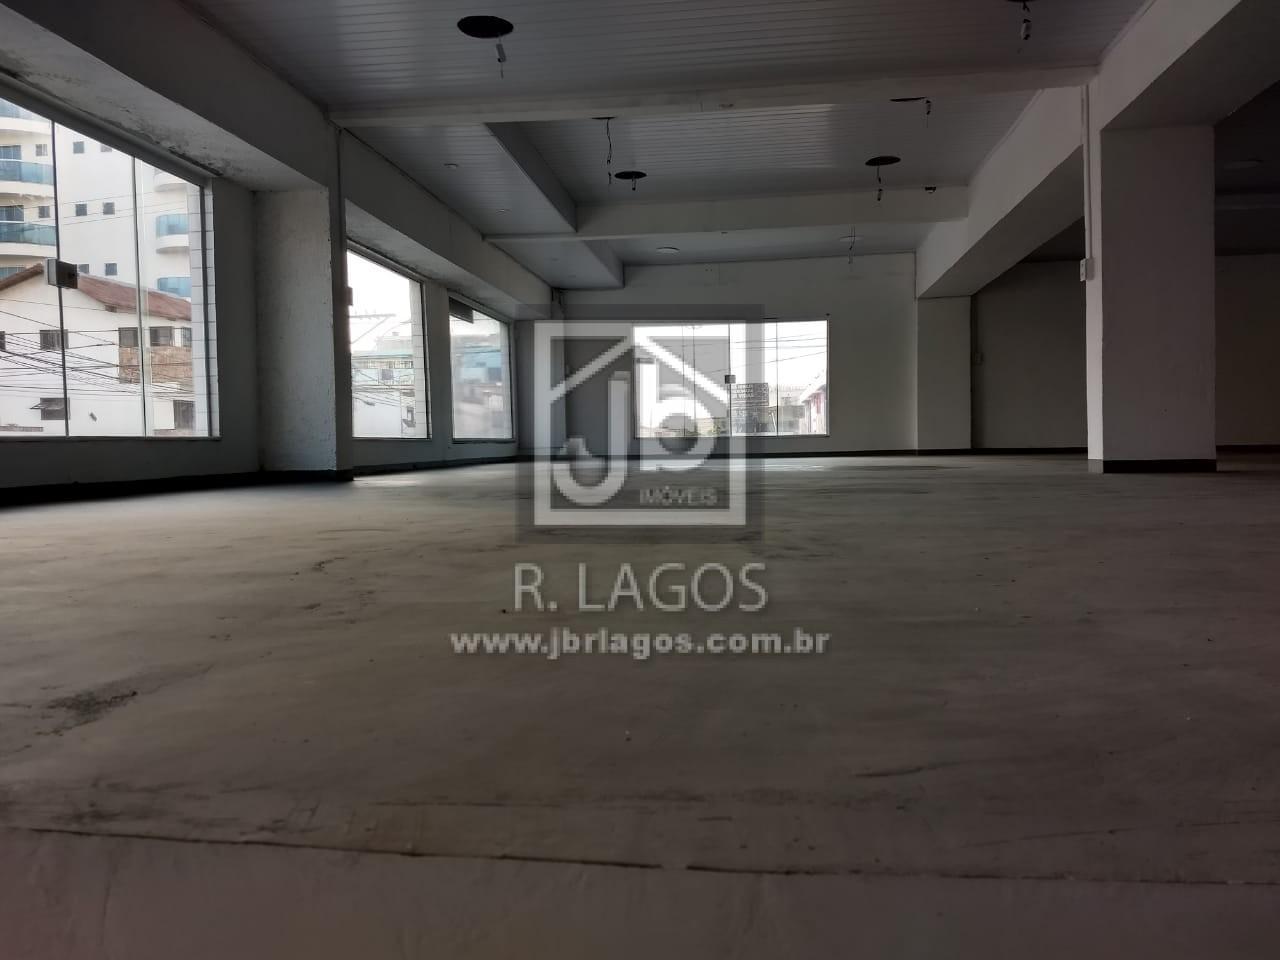 Excelente lojão pronto para trabalhar, 600 m², para diversos ramos comerciais, localização estratégica